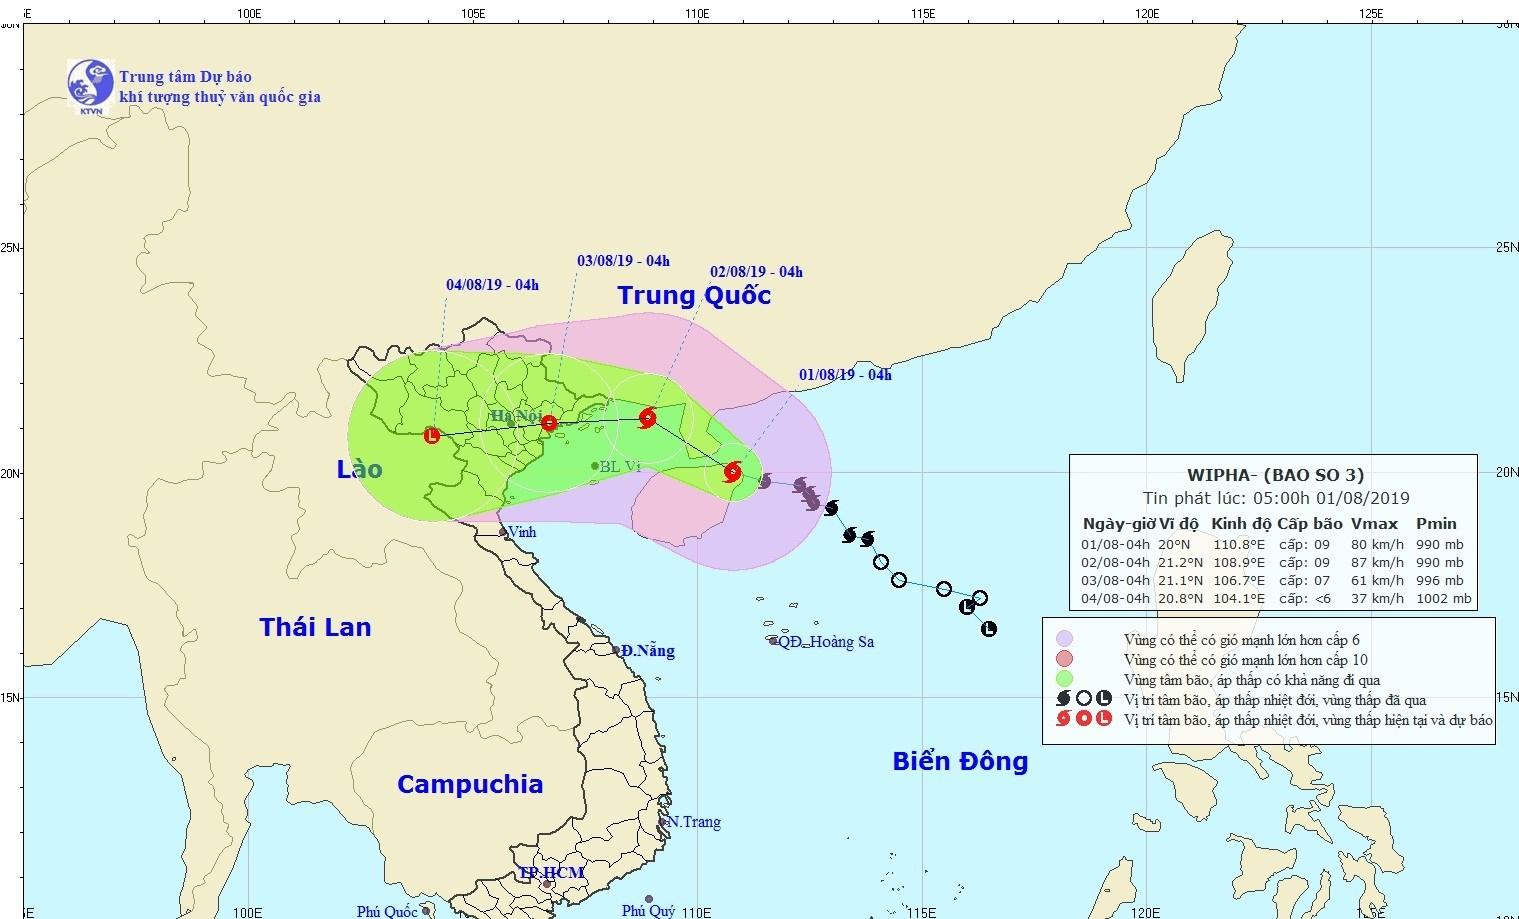 THỜI SỰ 6H SÁNG 1/8/2019: Bão số 3 bắt đầu ảnh hưởng tới Vịnh Bắc Bộ. Cơn bão được nhận định có diễn biến rất phức tạp, sẽ gây mưa to đến rất to cho các tỉnh Bắc Bộ.